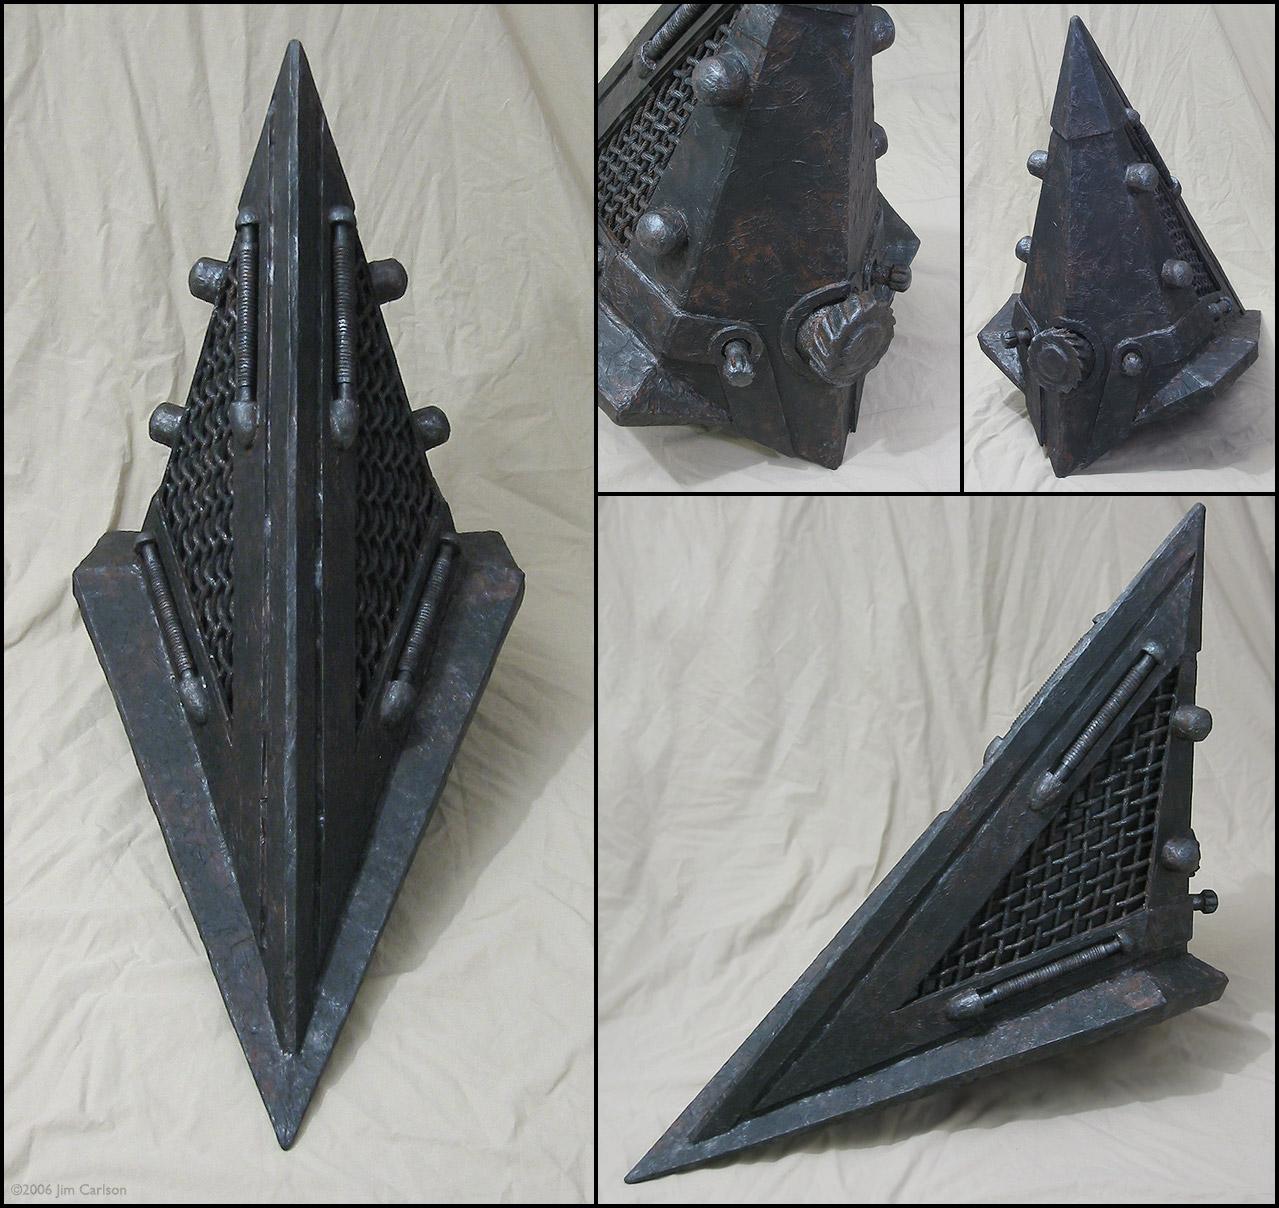 Pyramid head helmet